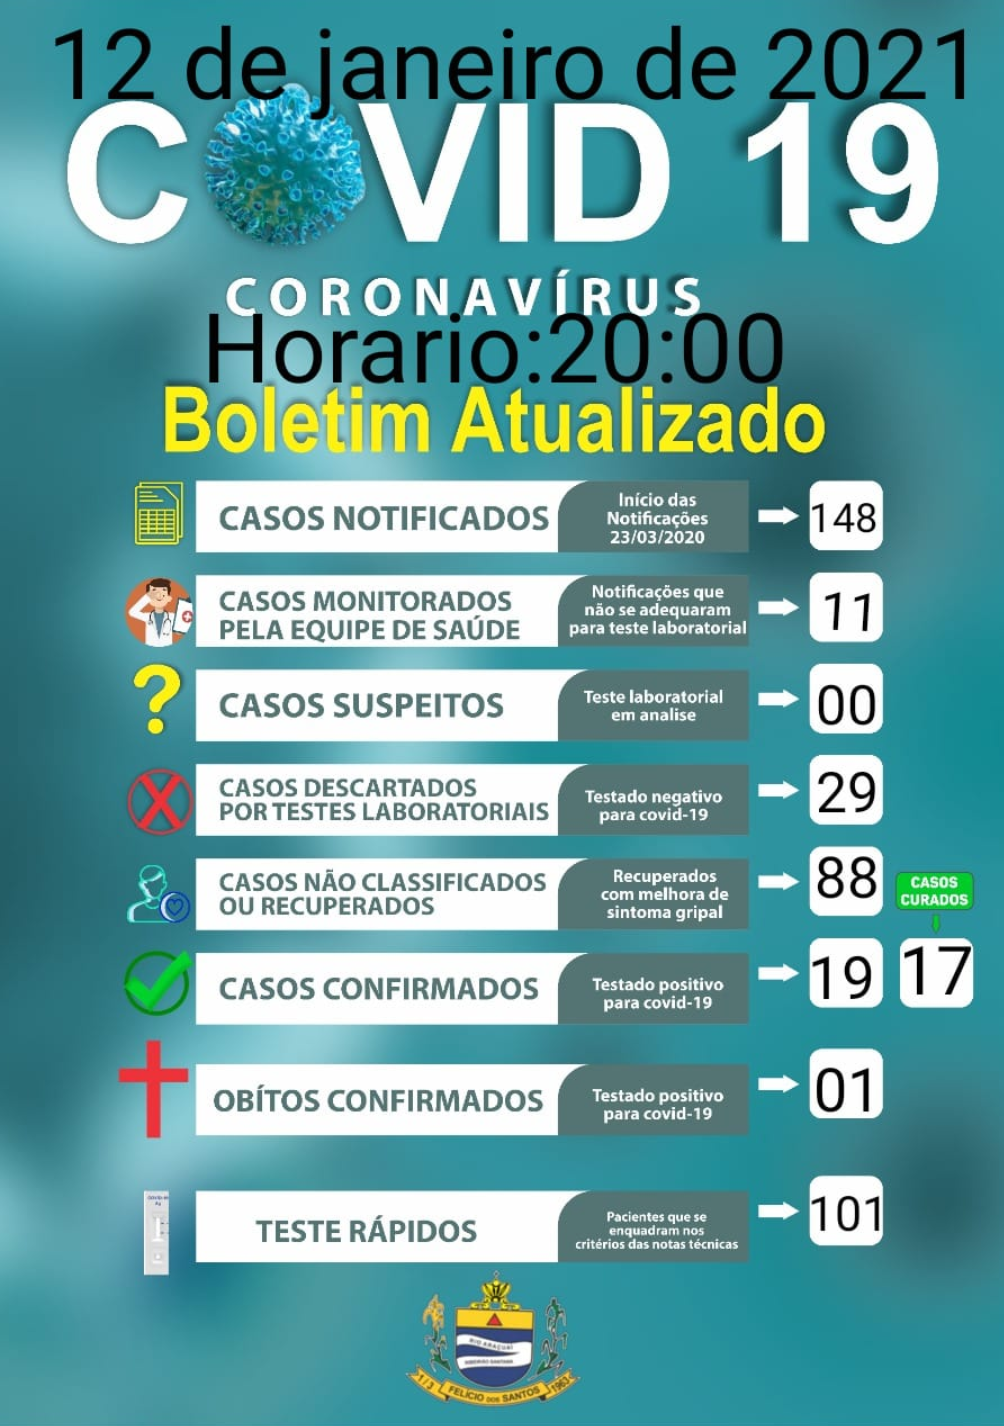 Boletim covid-19,12 de Janeiro de 2021.